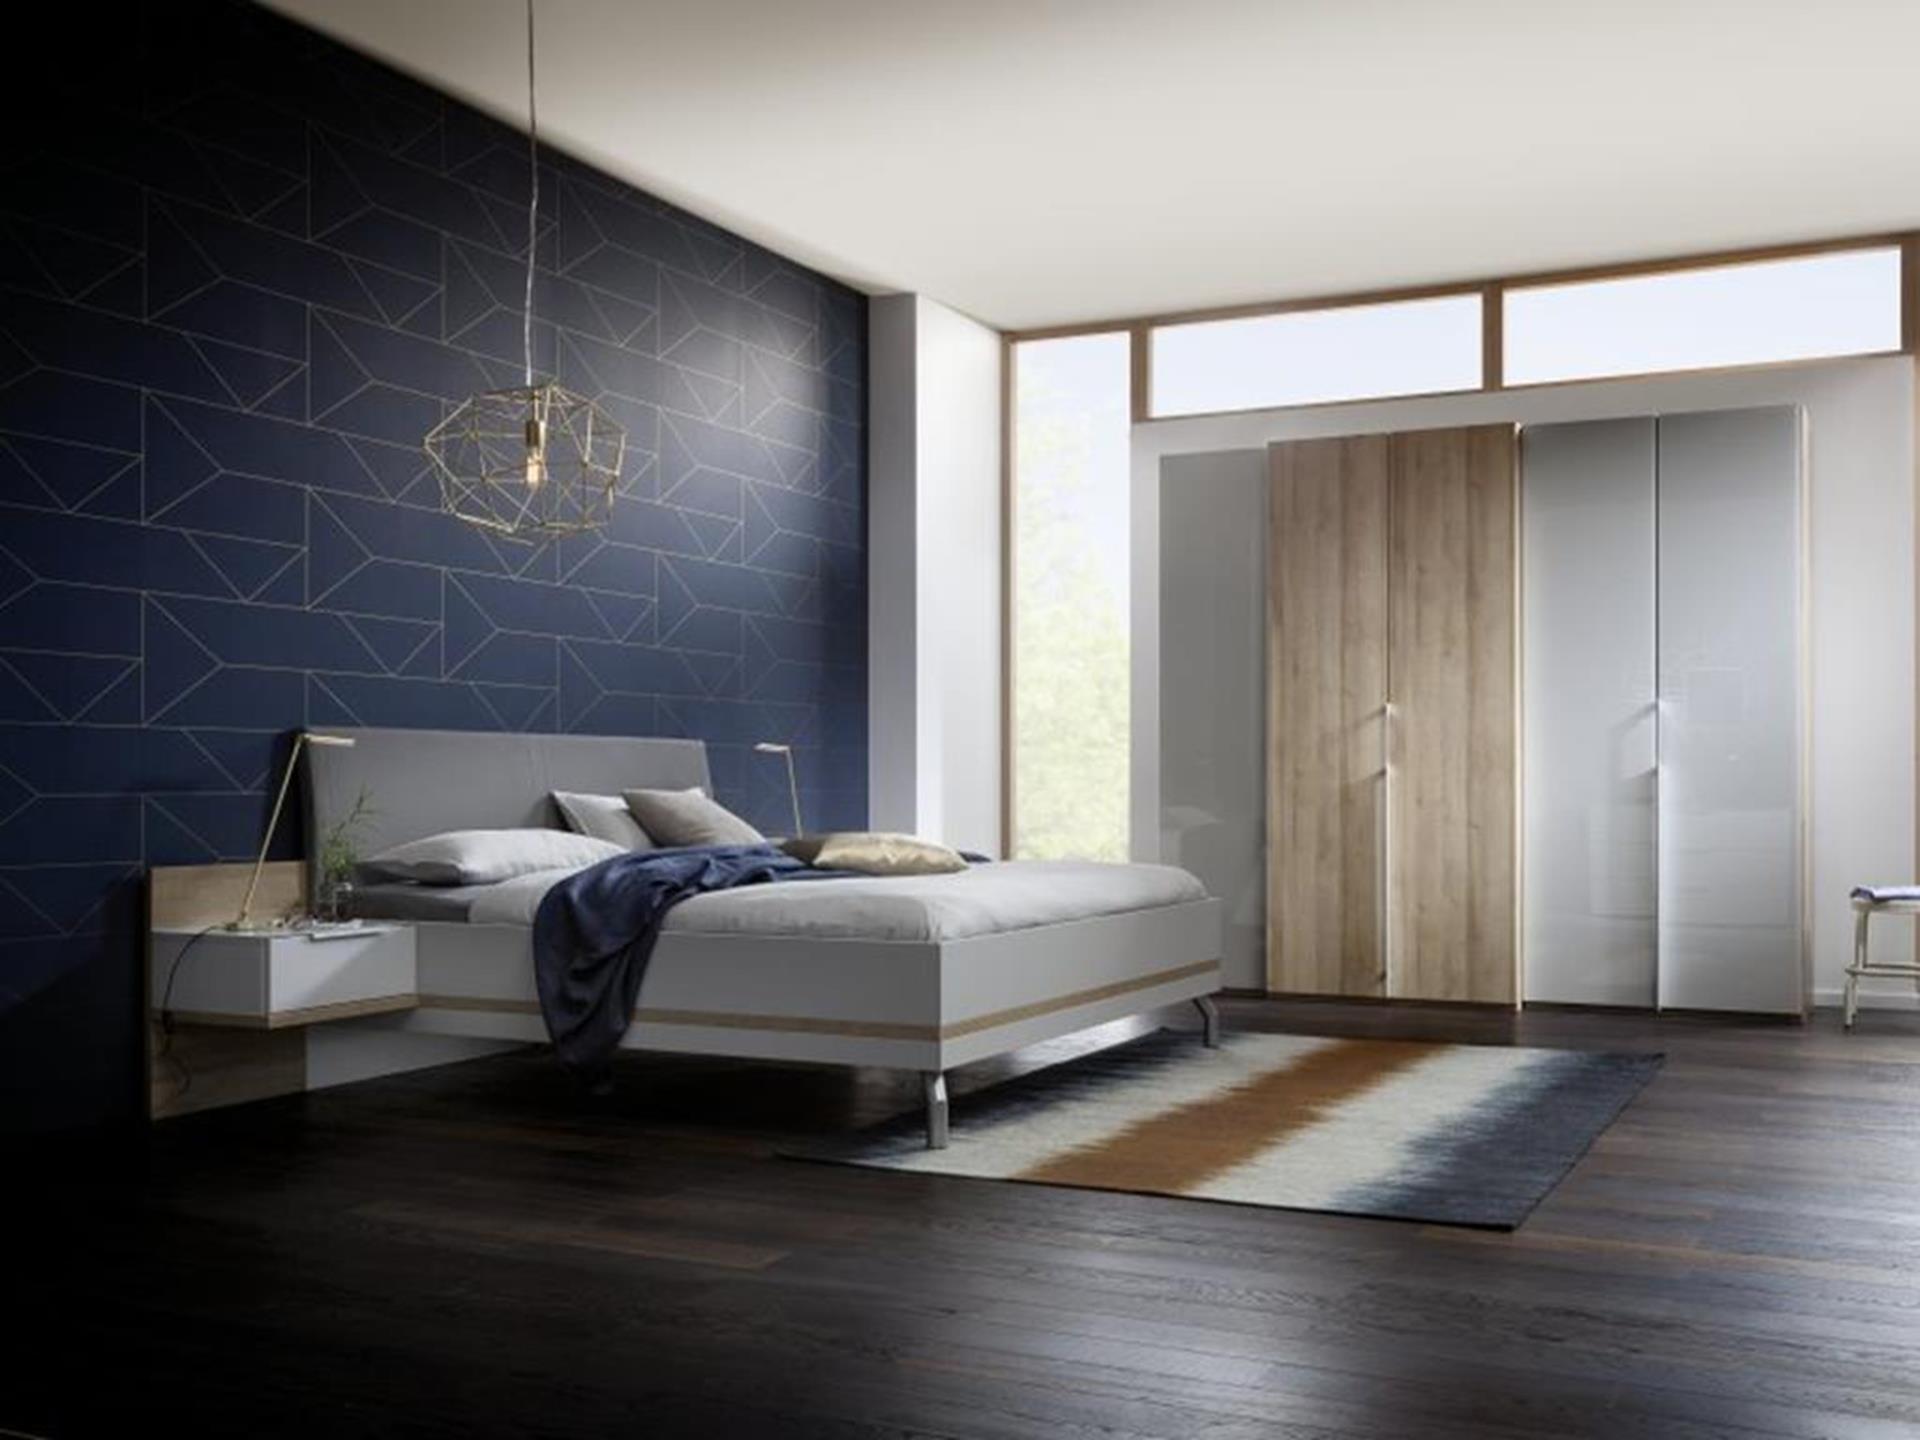 łóżko niemieckiej marki nolte i szafa concept me